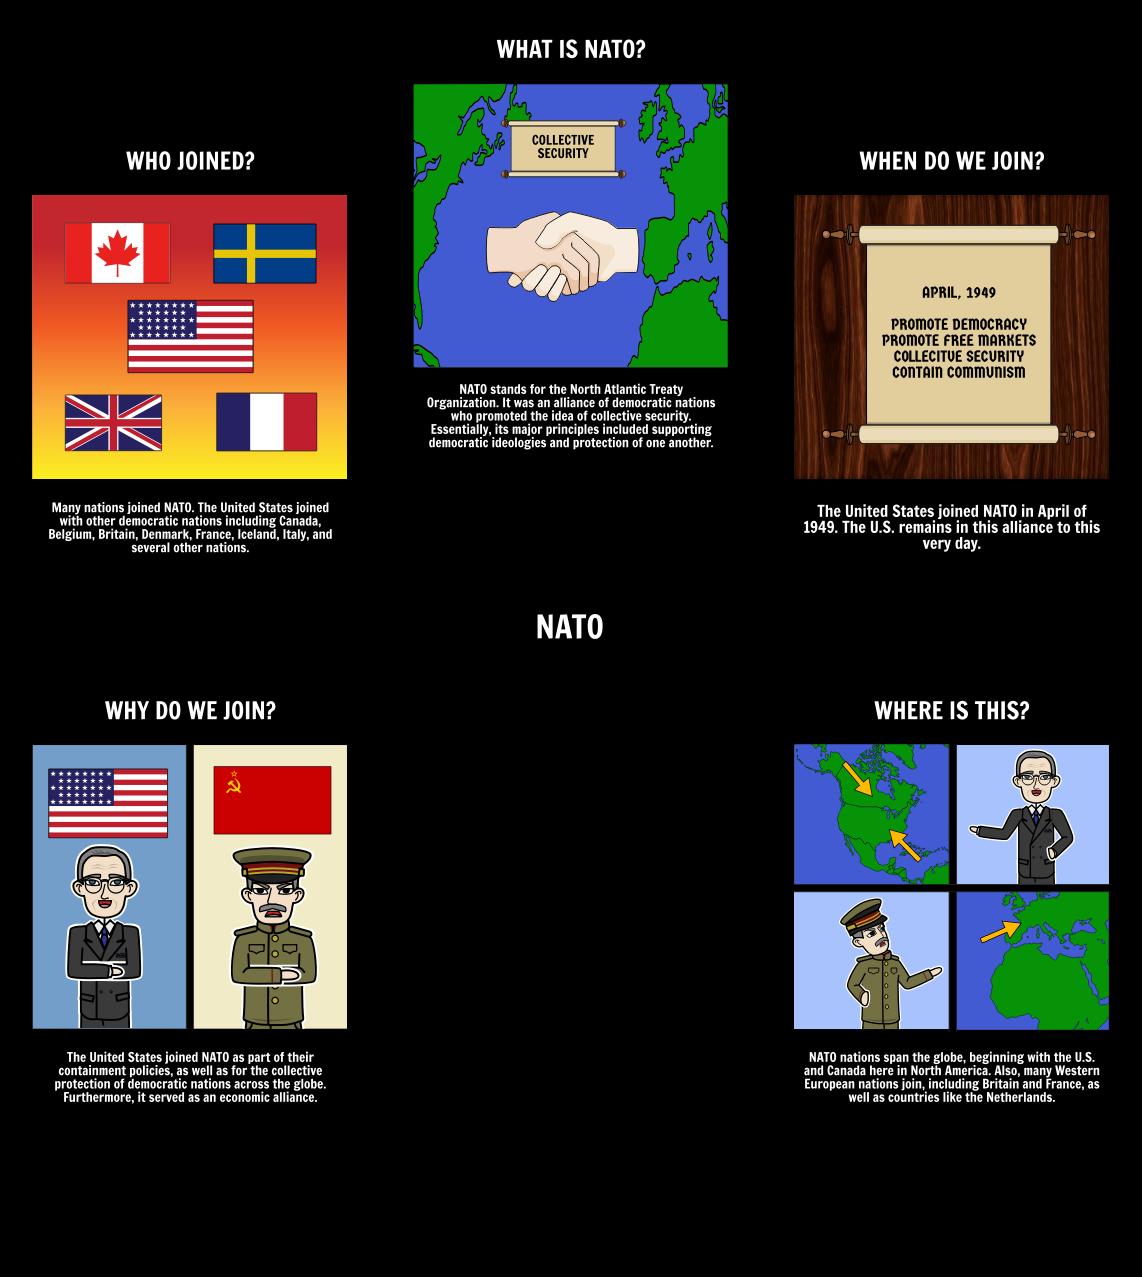 The Truman Presidency - 5 Ws of NATO